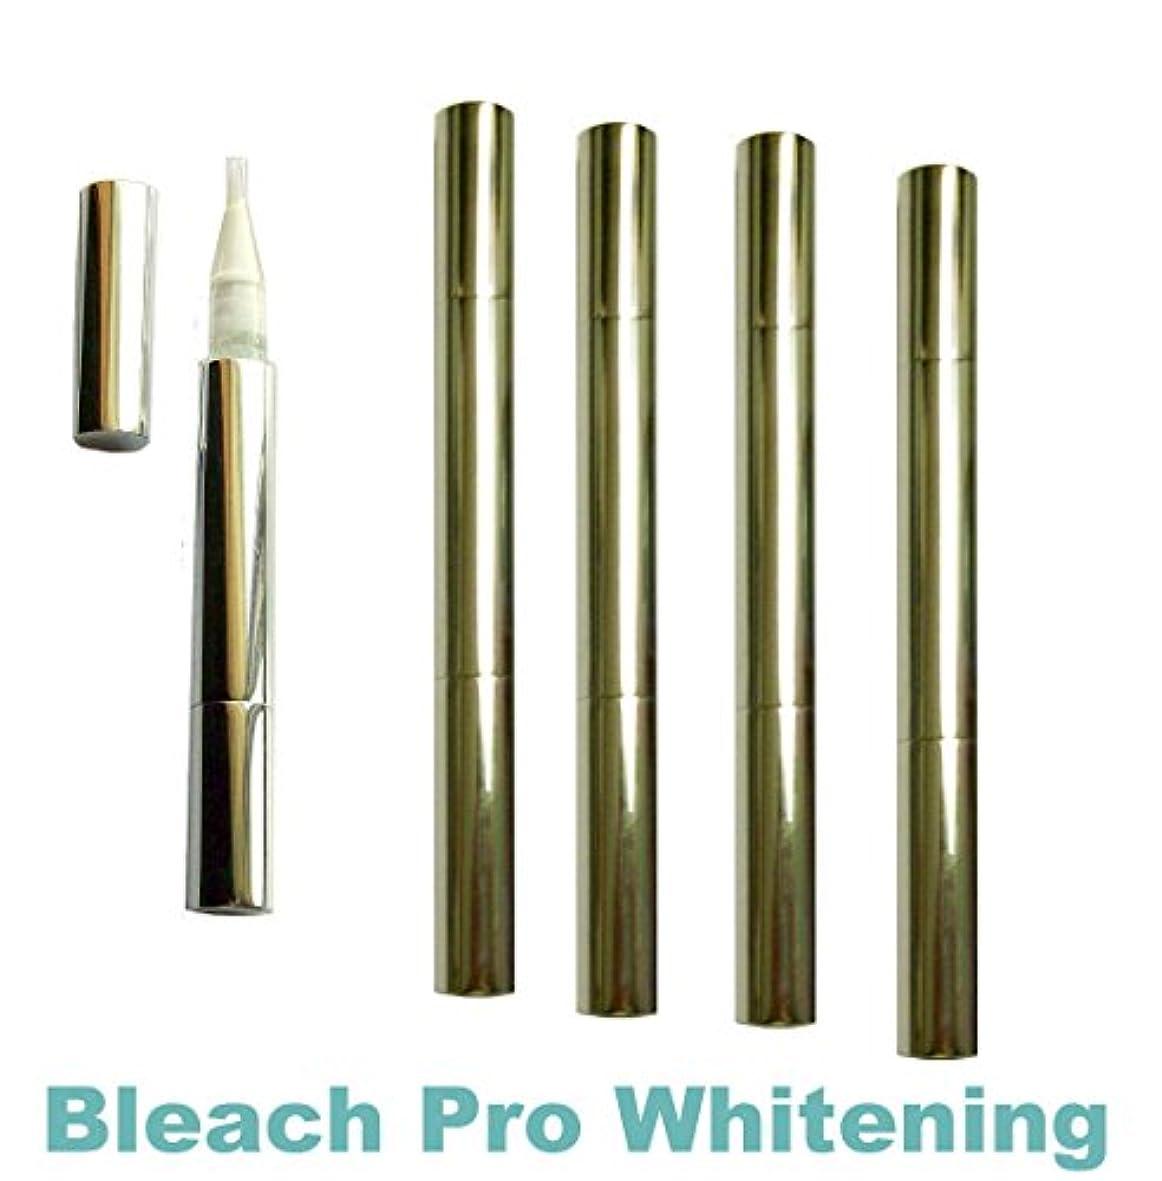 ターゲット銛マーチャンダイジングTeeth Whitening Gel Pens 35% Carbamide Peroxide Tooth Bleaching Formula Pen with Brush Tip Gel Dispenser. 5 Whitening...